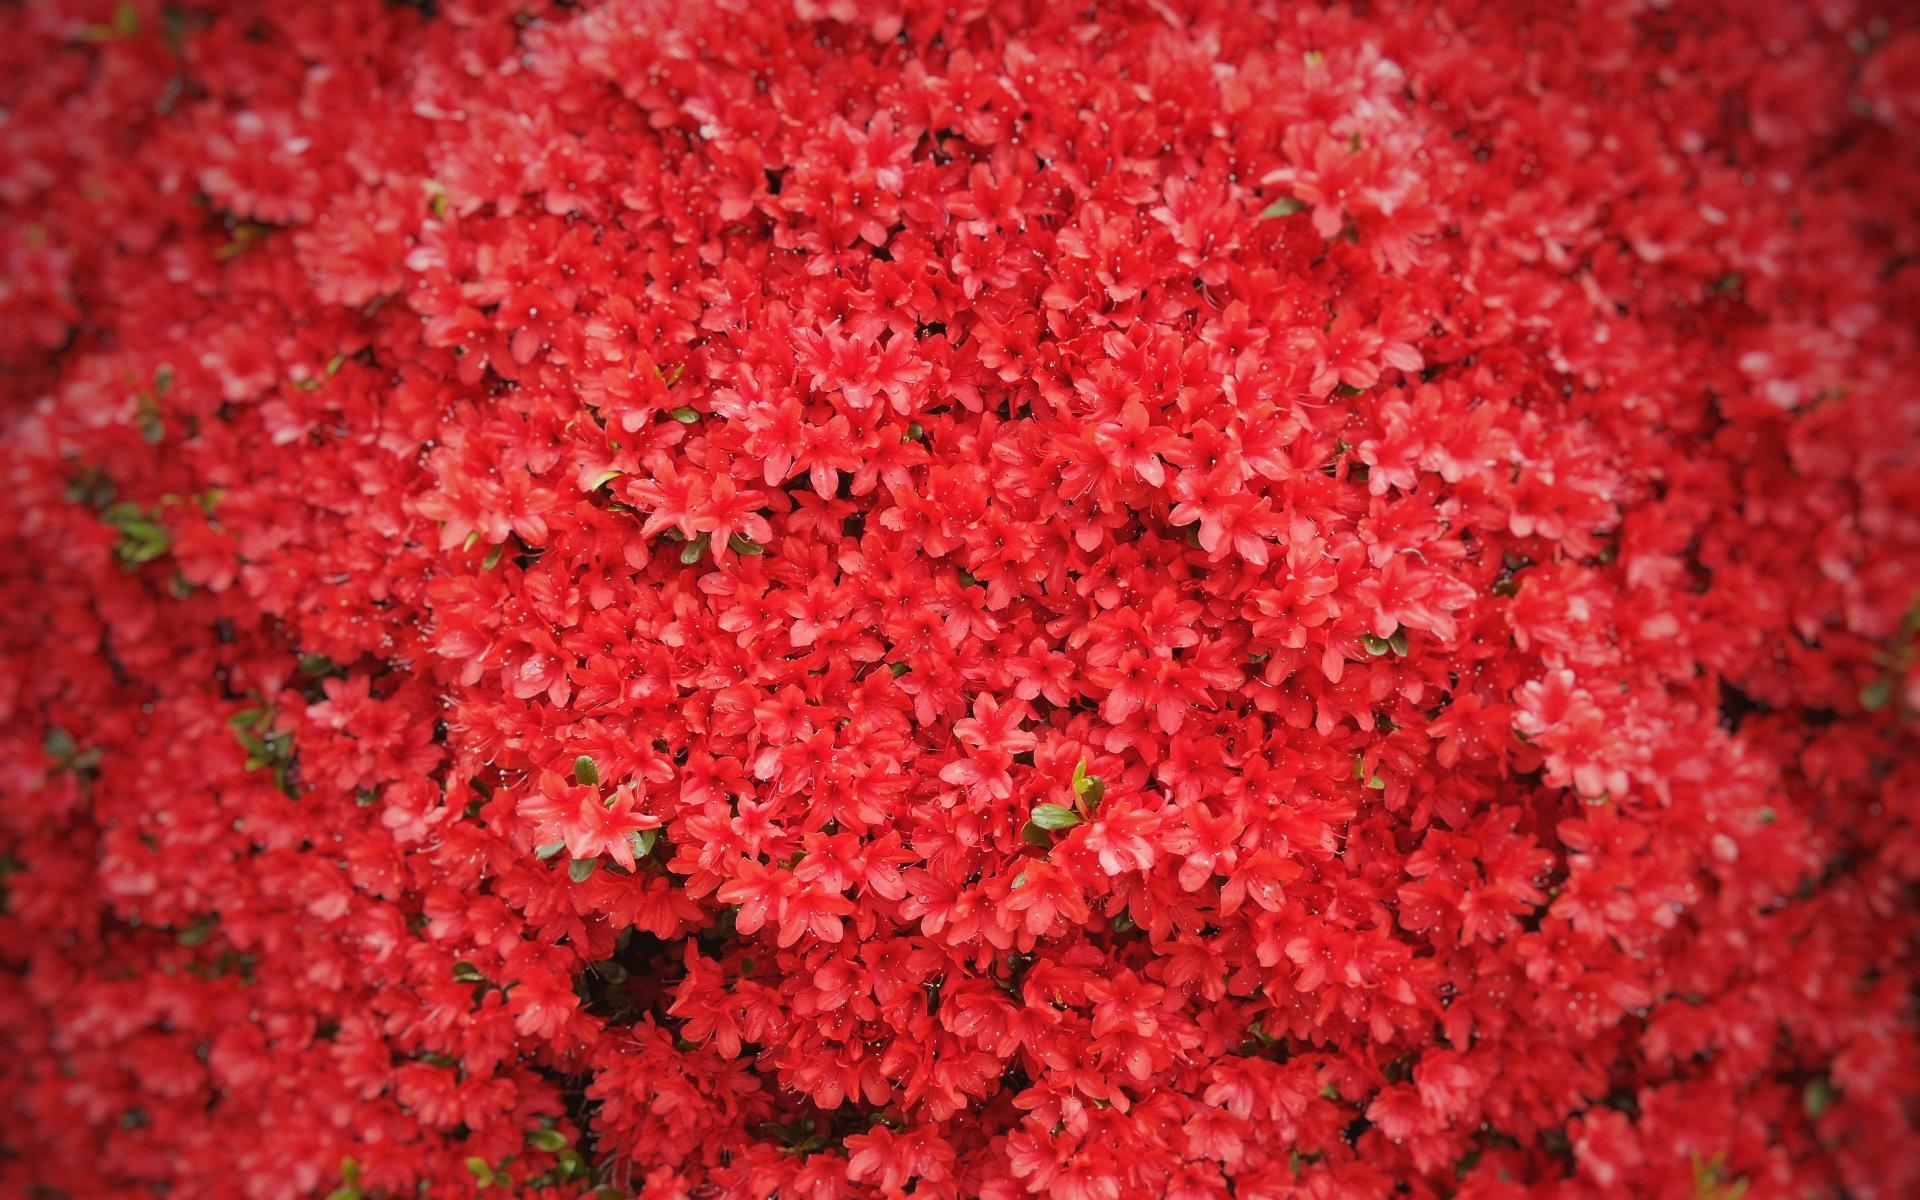 Картинки Цветы, красный, дерево фото и обои на рабочий стол